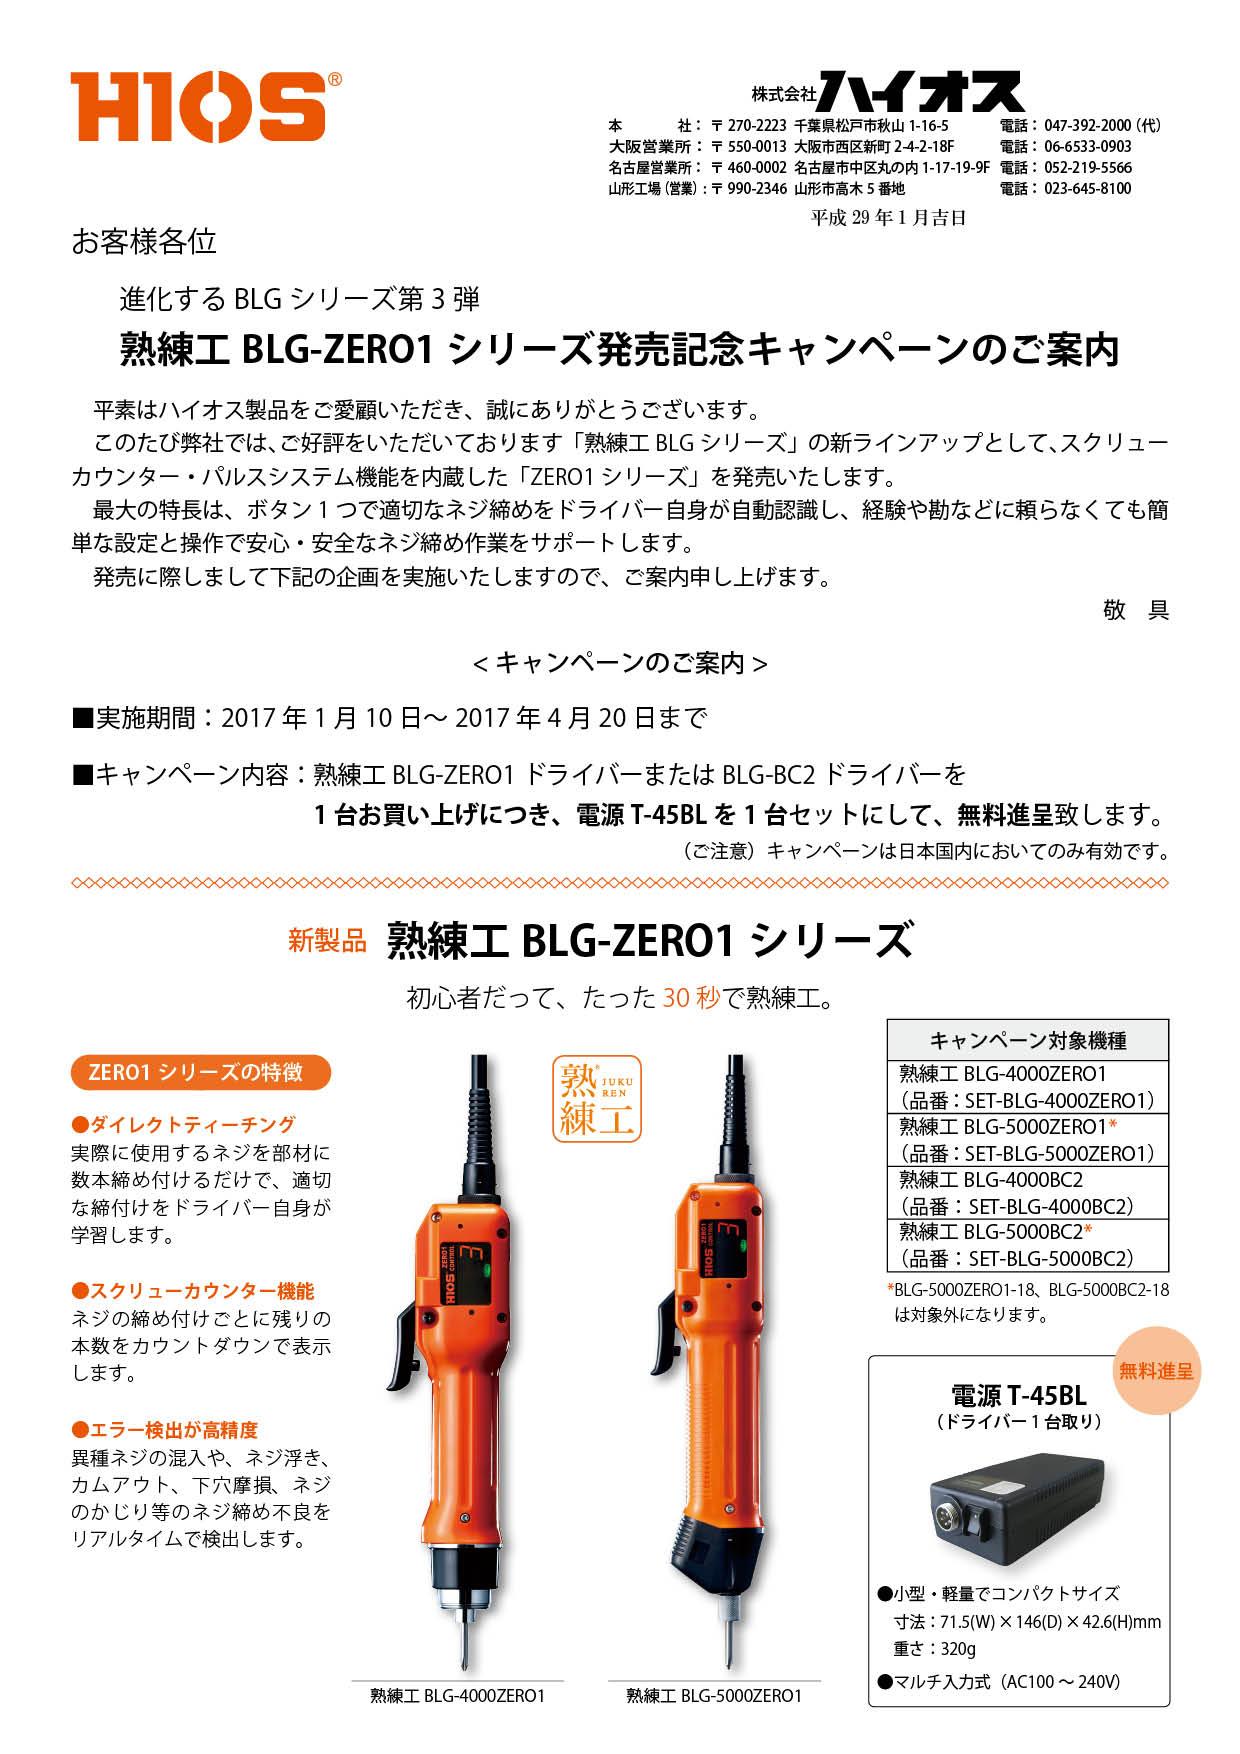 熟練工BLG-ZERO1キャンペーン案内書